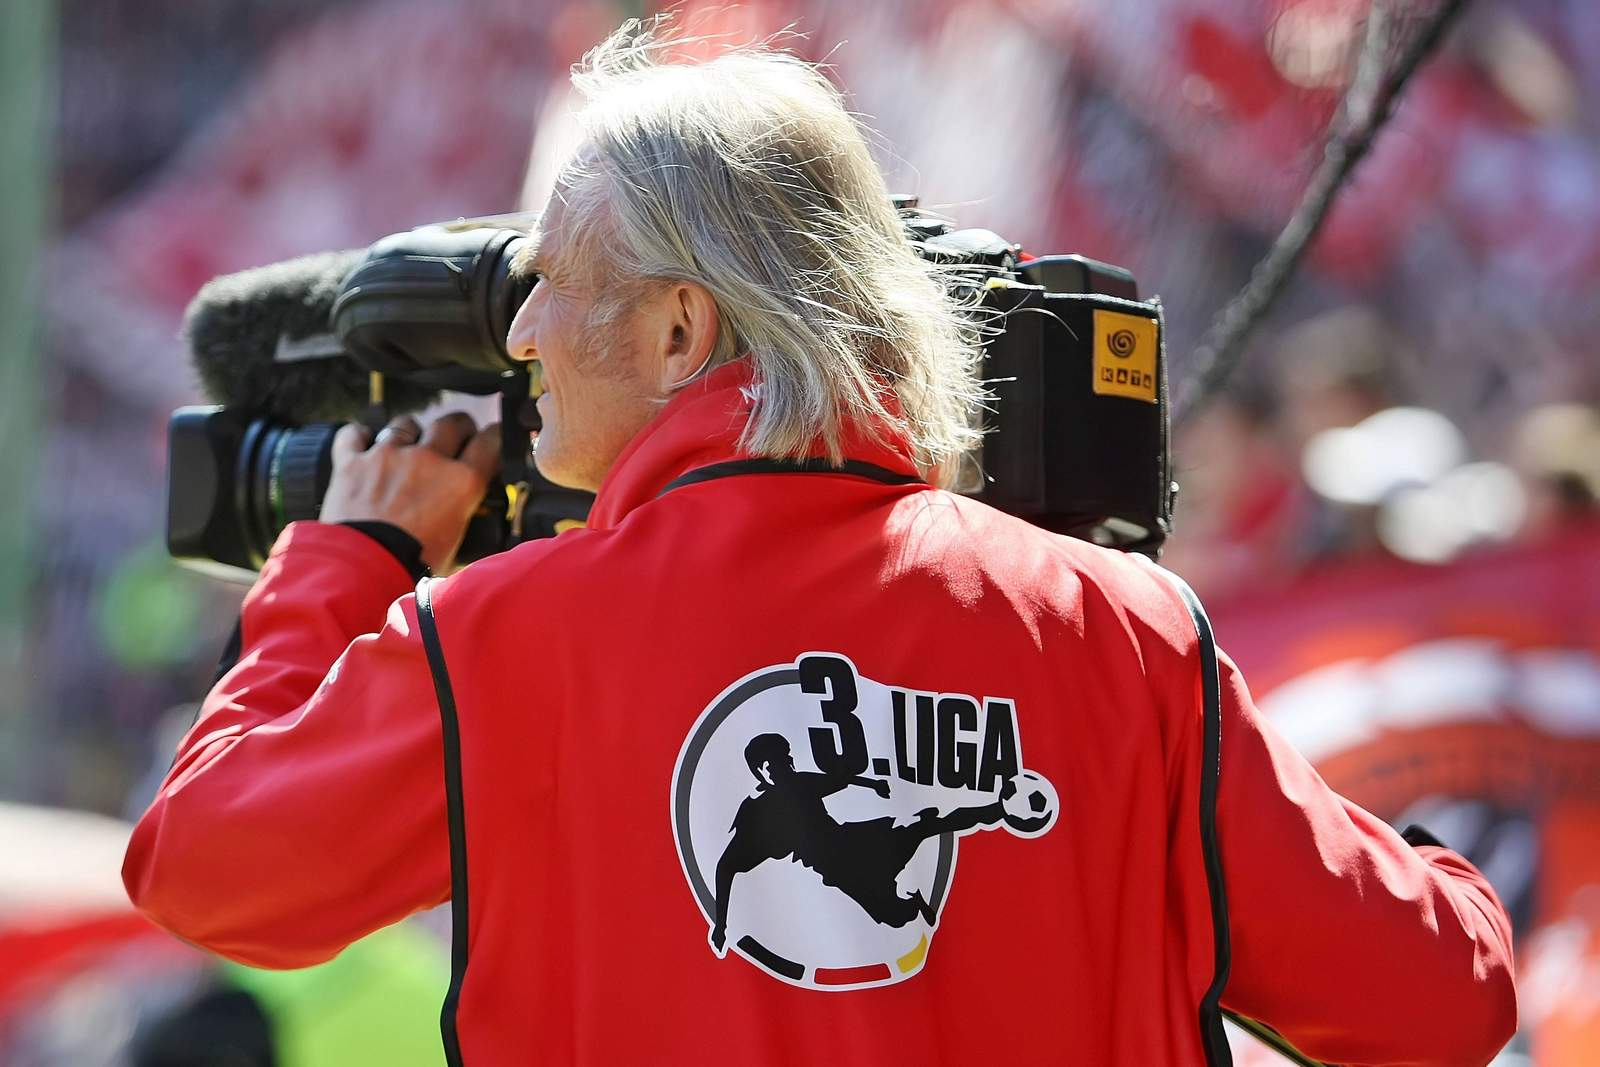 Kameramann in der 3. Liga